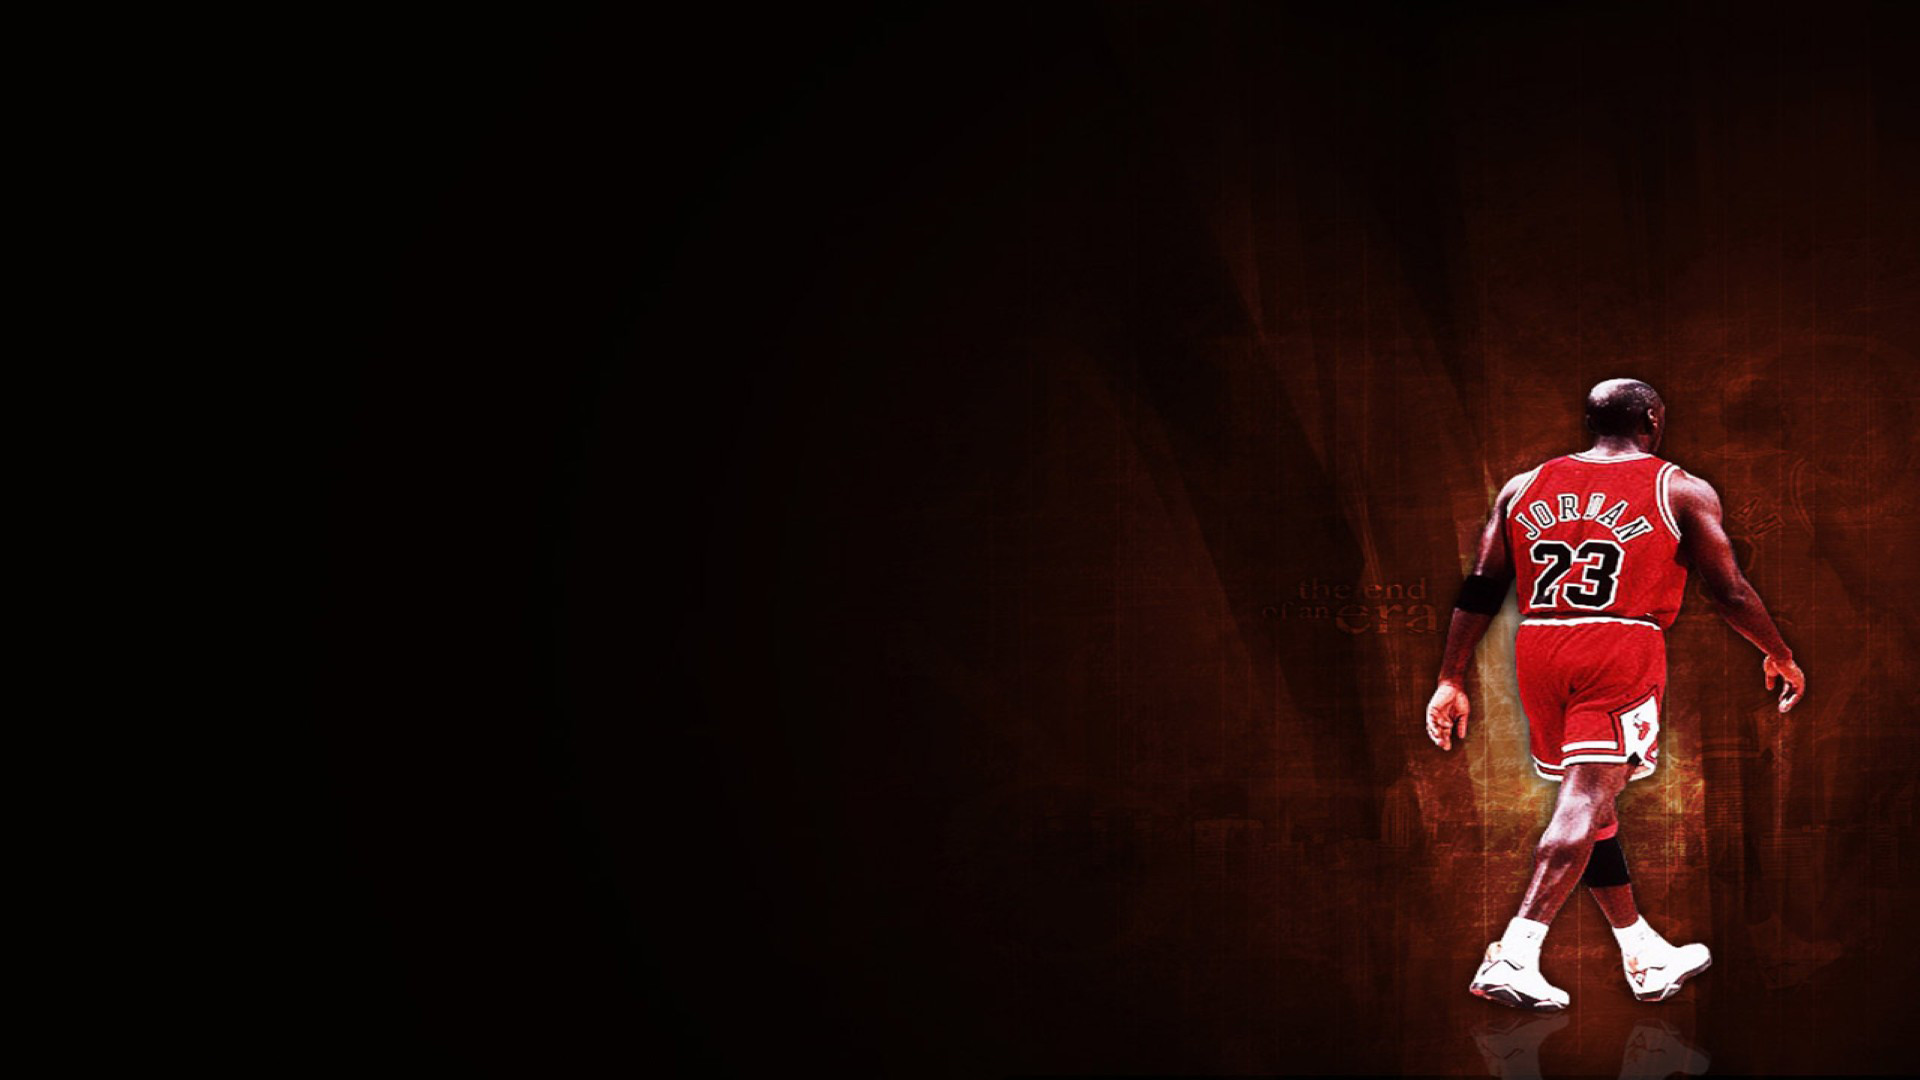 Michael Jordan Background: HD Michael Jordan Wallpaper (76+ Images